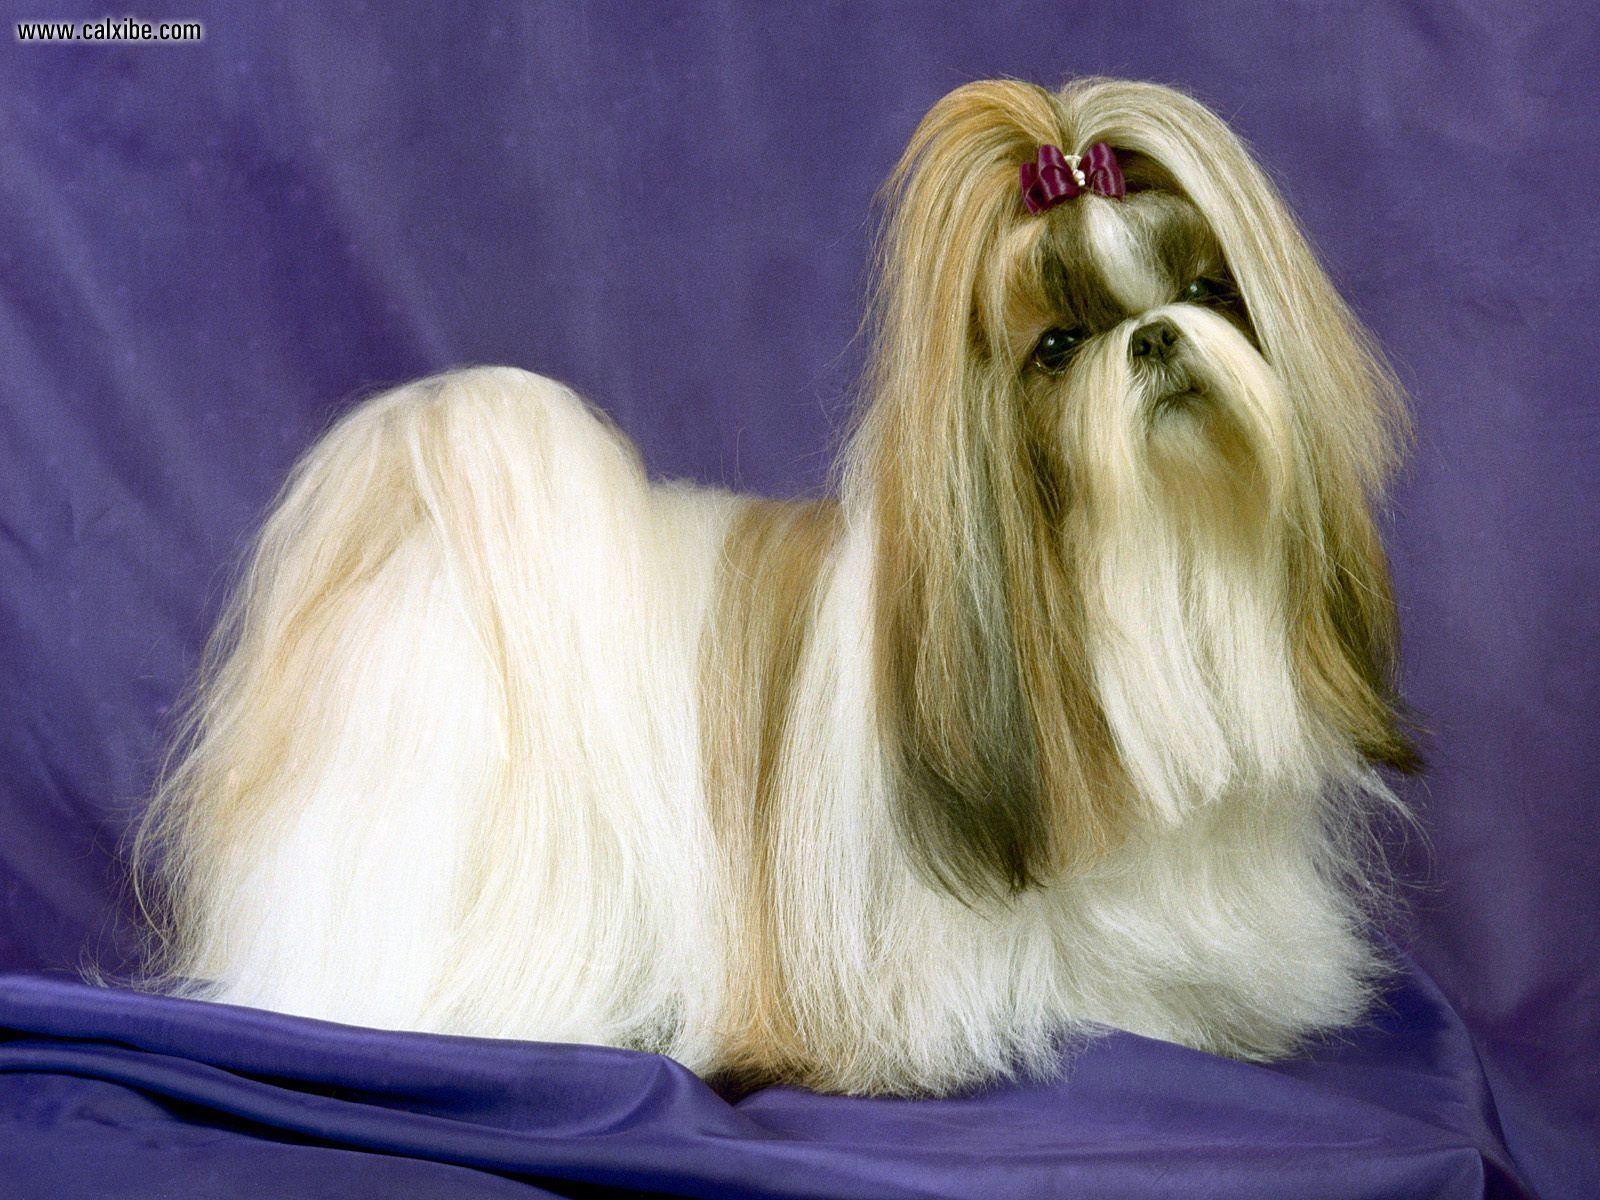 Shih Tzu dog portrait wallpaper